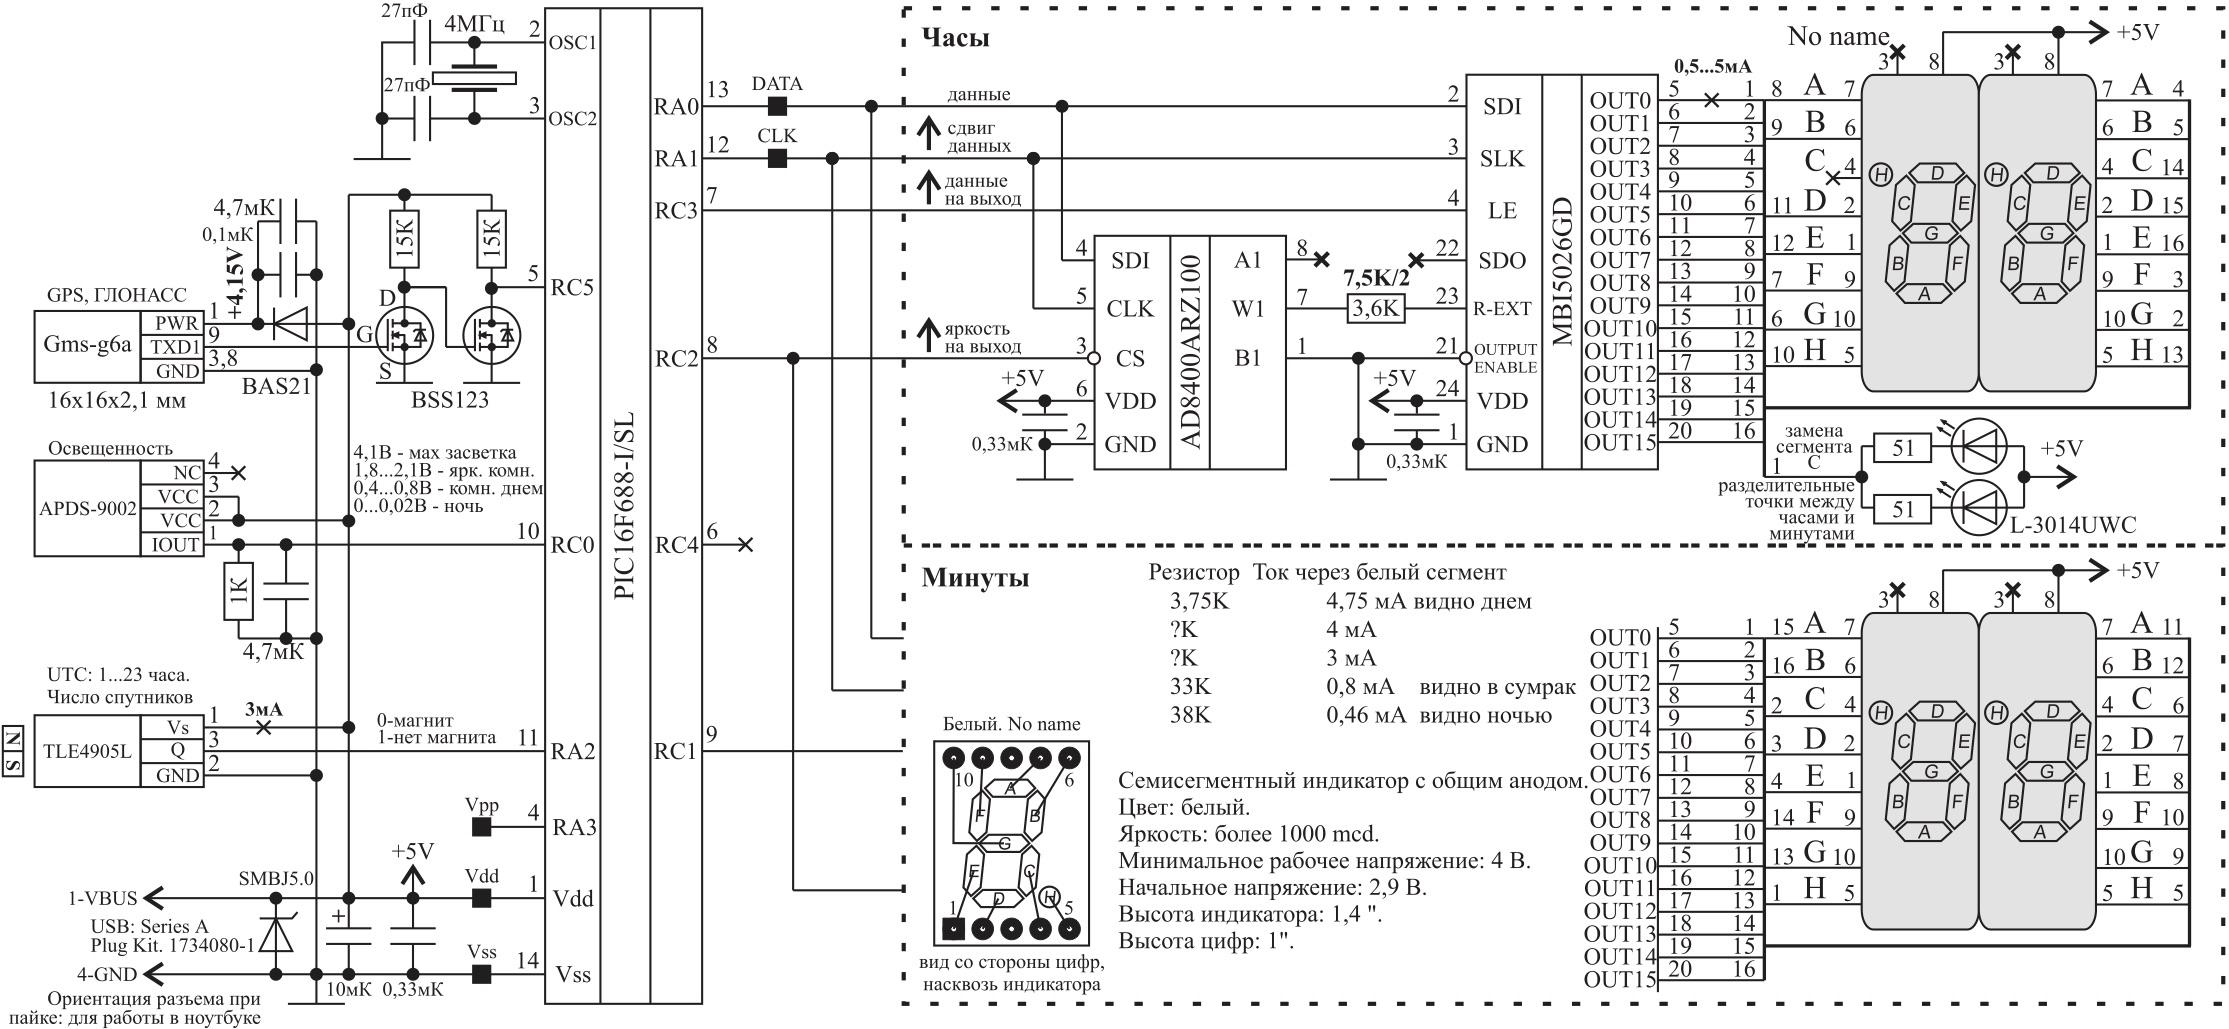 Принципиальная электрическая схема - идеальные часы